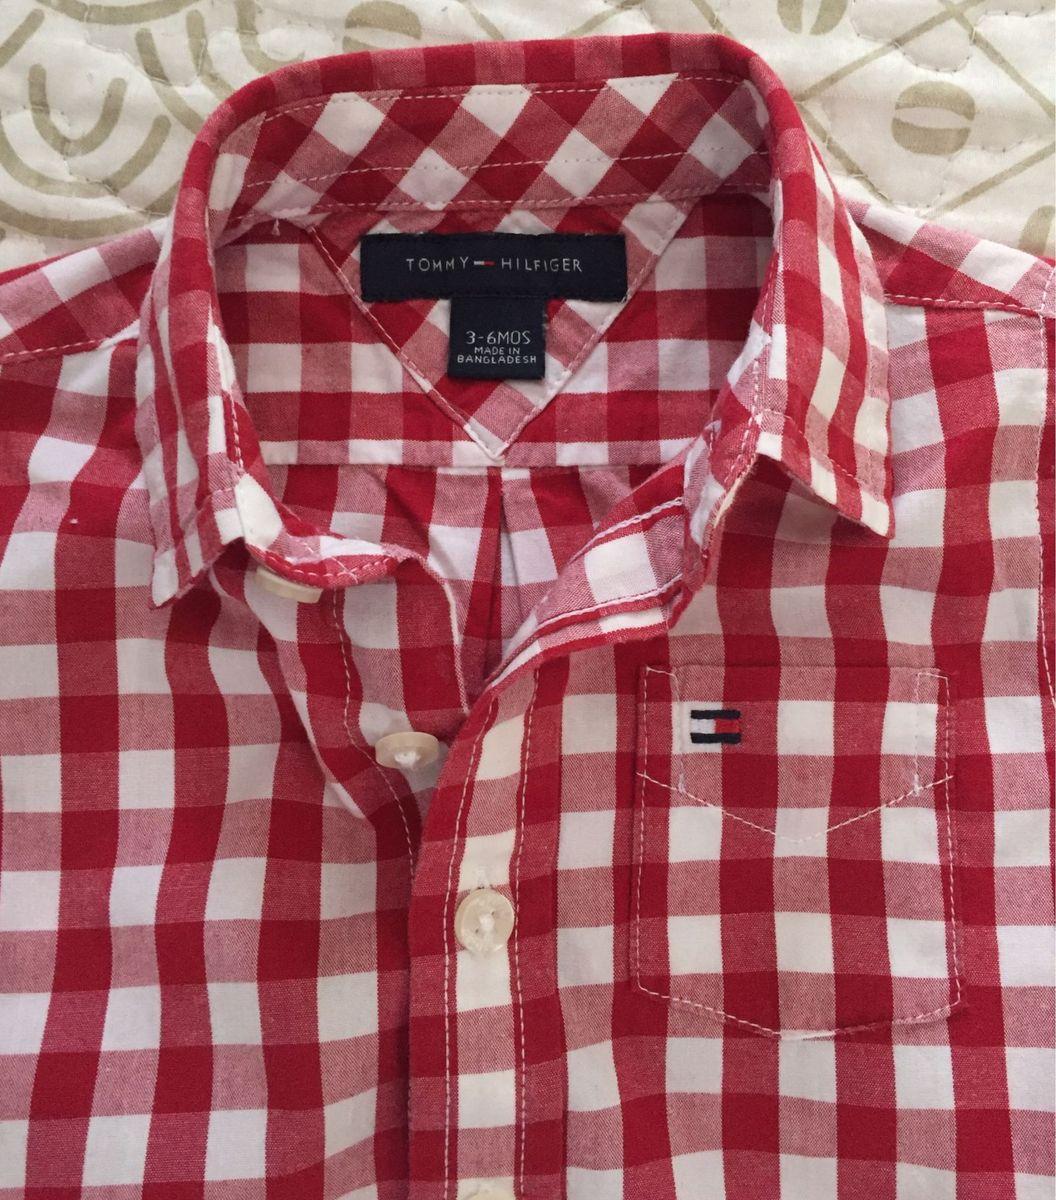 camisa social tommy - bebê tommy hilfiger.  Czm6ly9wag90b3muzw5qb2vplmnvbs5ici9wcm9kdwn0cy82mte3odyxlzc5nzdmy2jln2uxyjuxmmrmytcwy2yzm2u2mmflyzzmlmpwzw  ... 122b074a9e20d